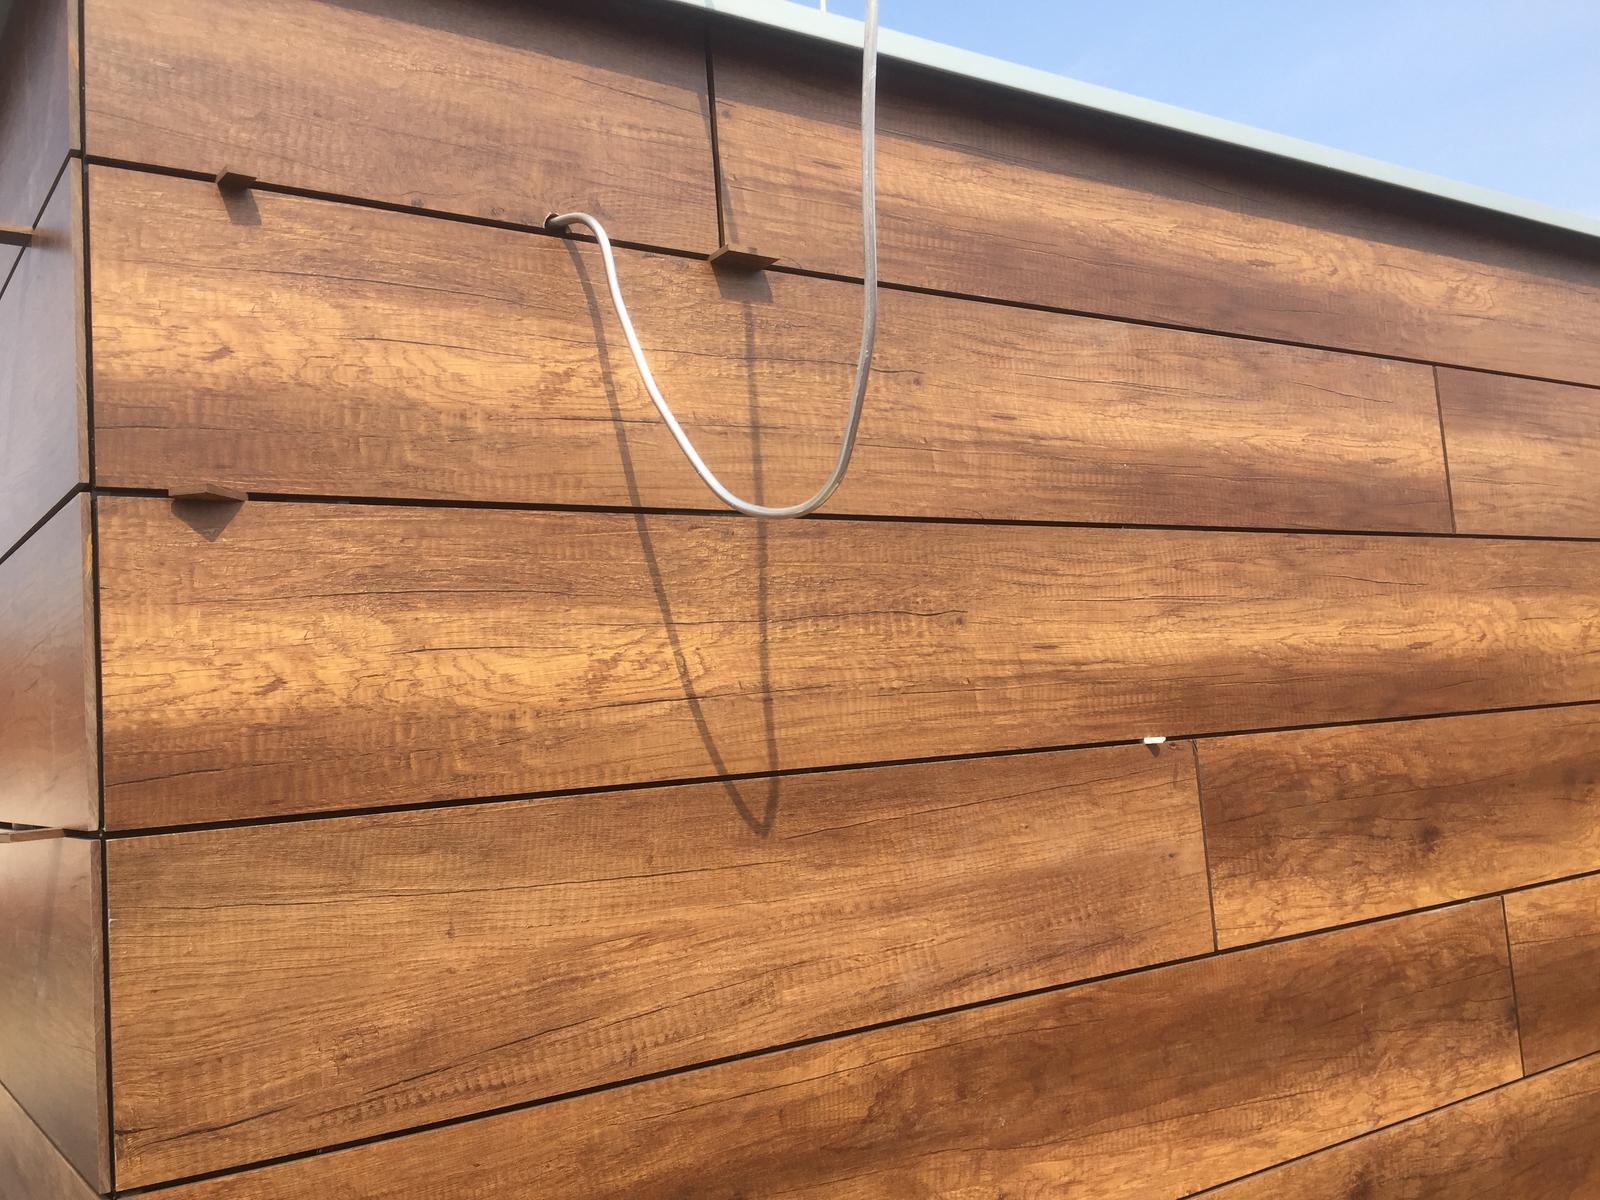 Odvetrané fasády - Odvetraná fasáda Fundermax drevodekor